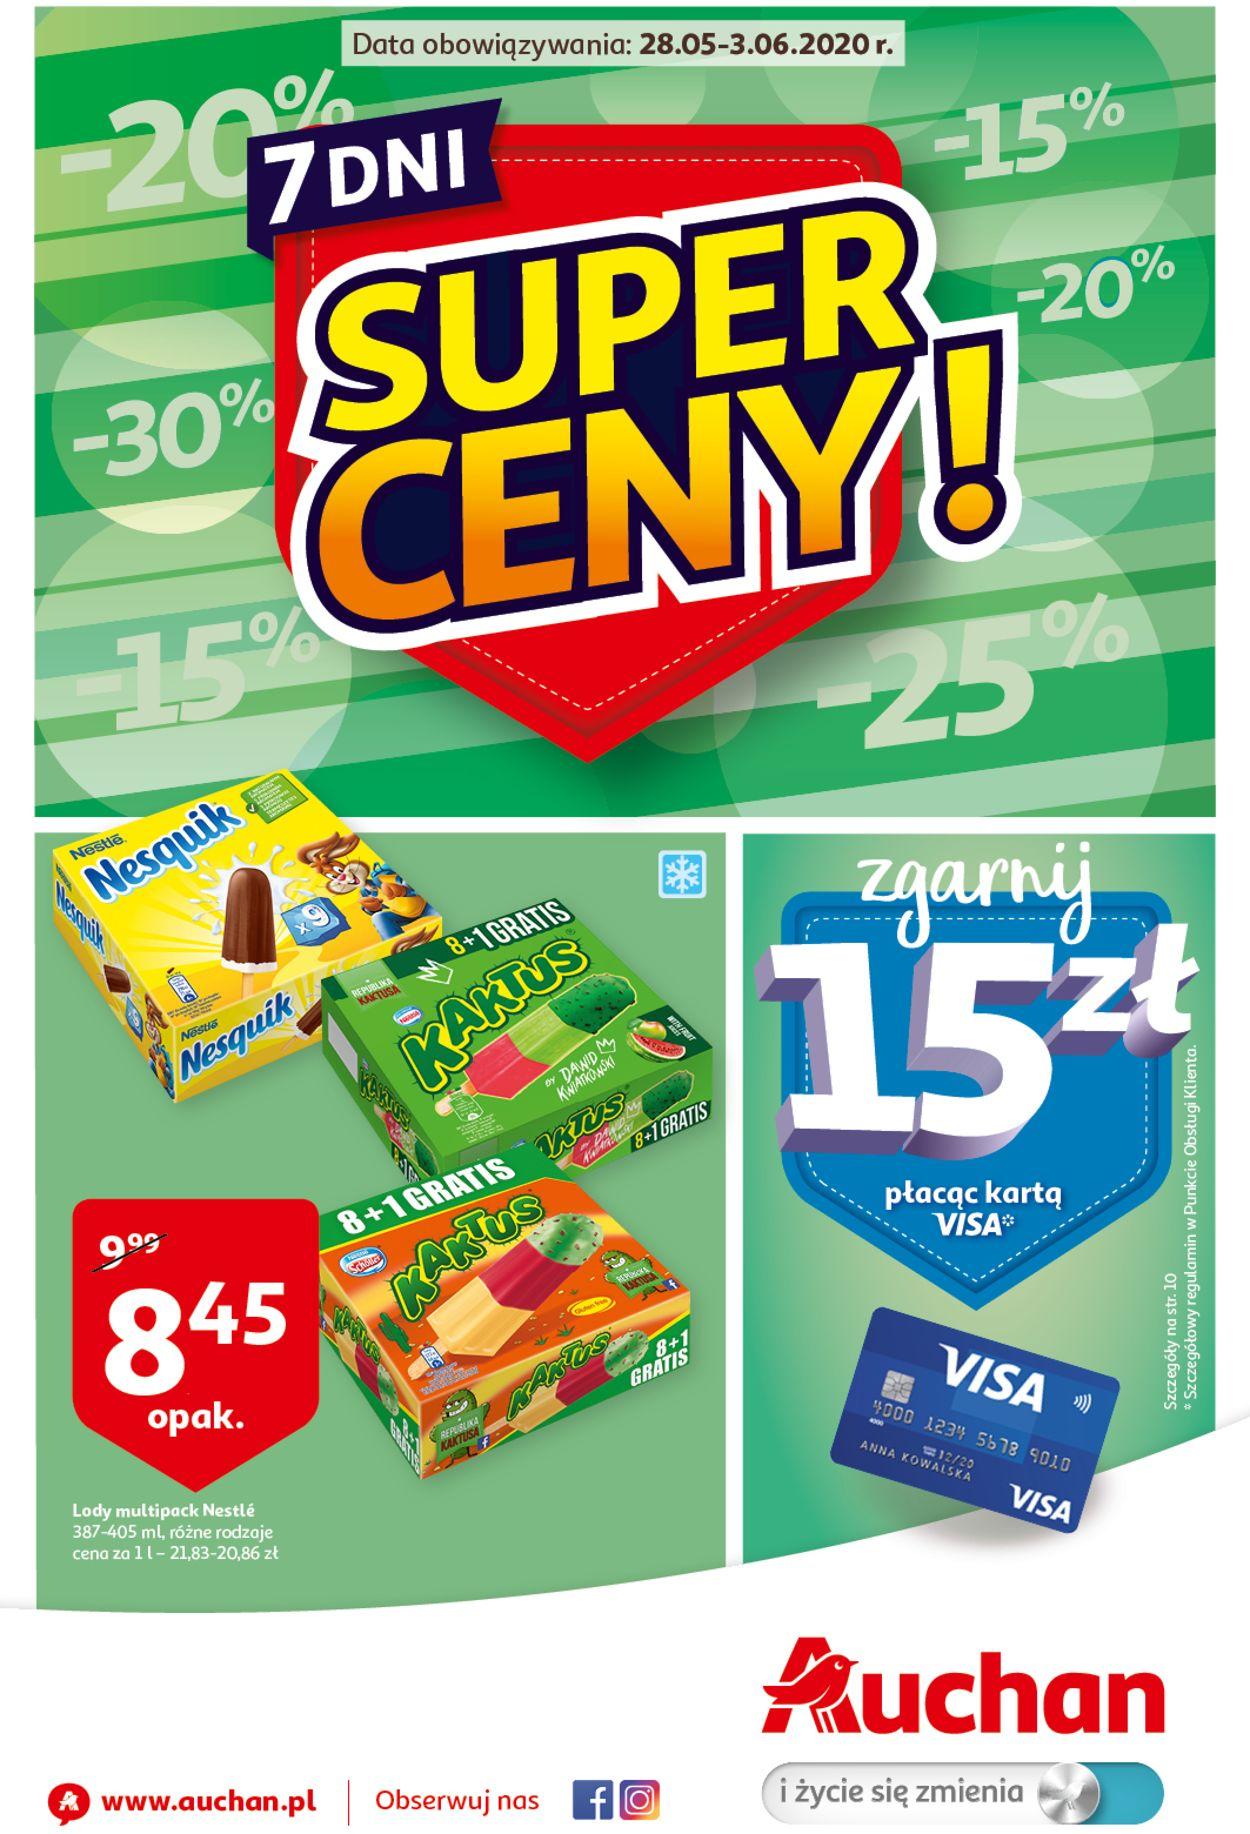 Gazetka promocyjna Auchan - 28.05-03.06.2020